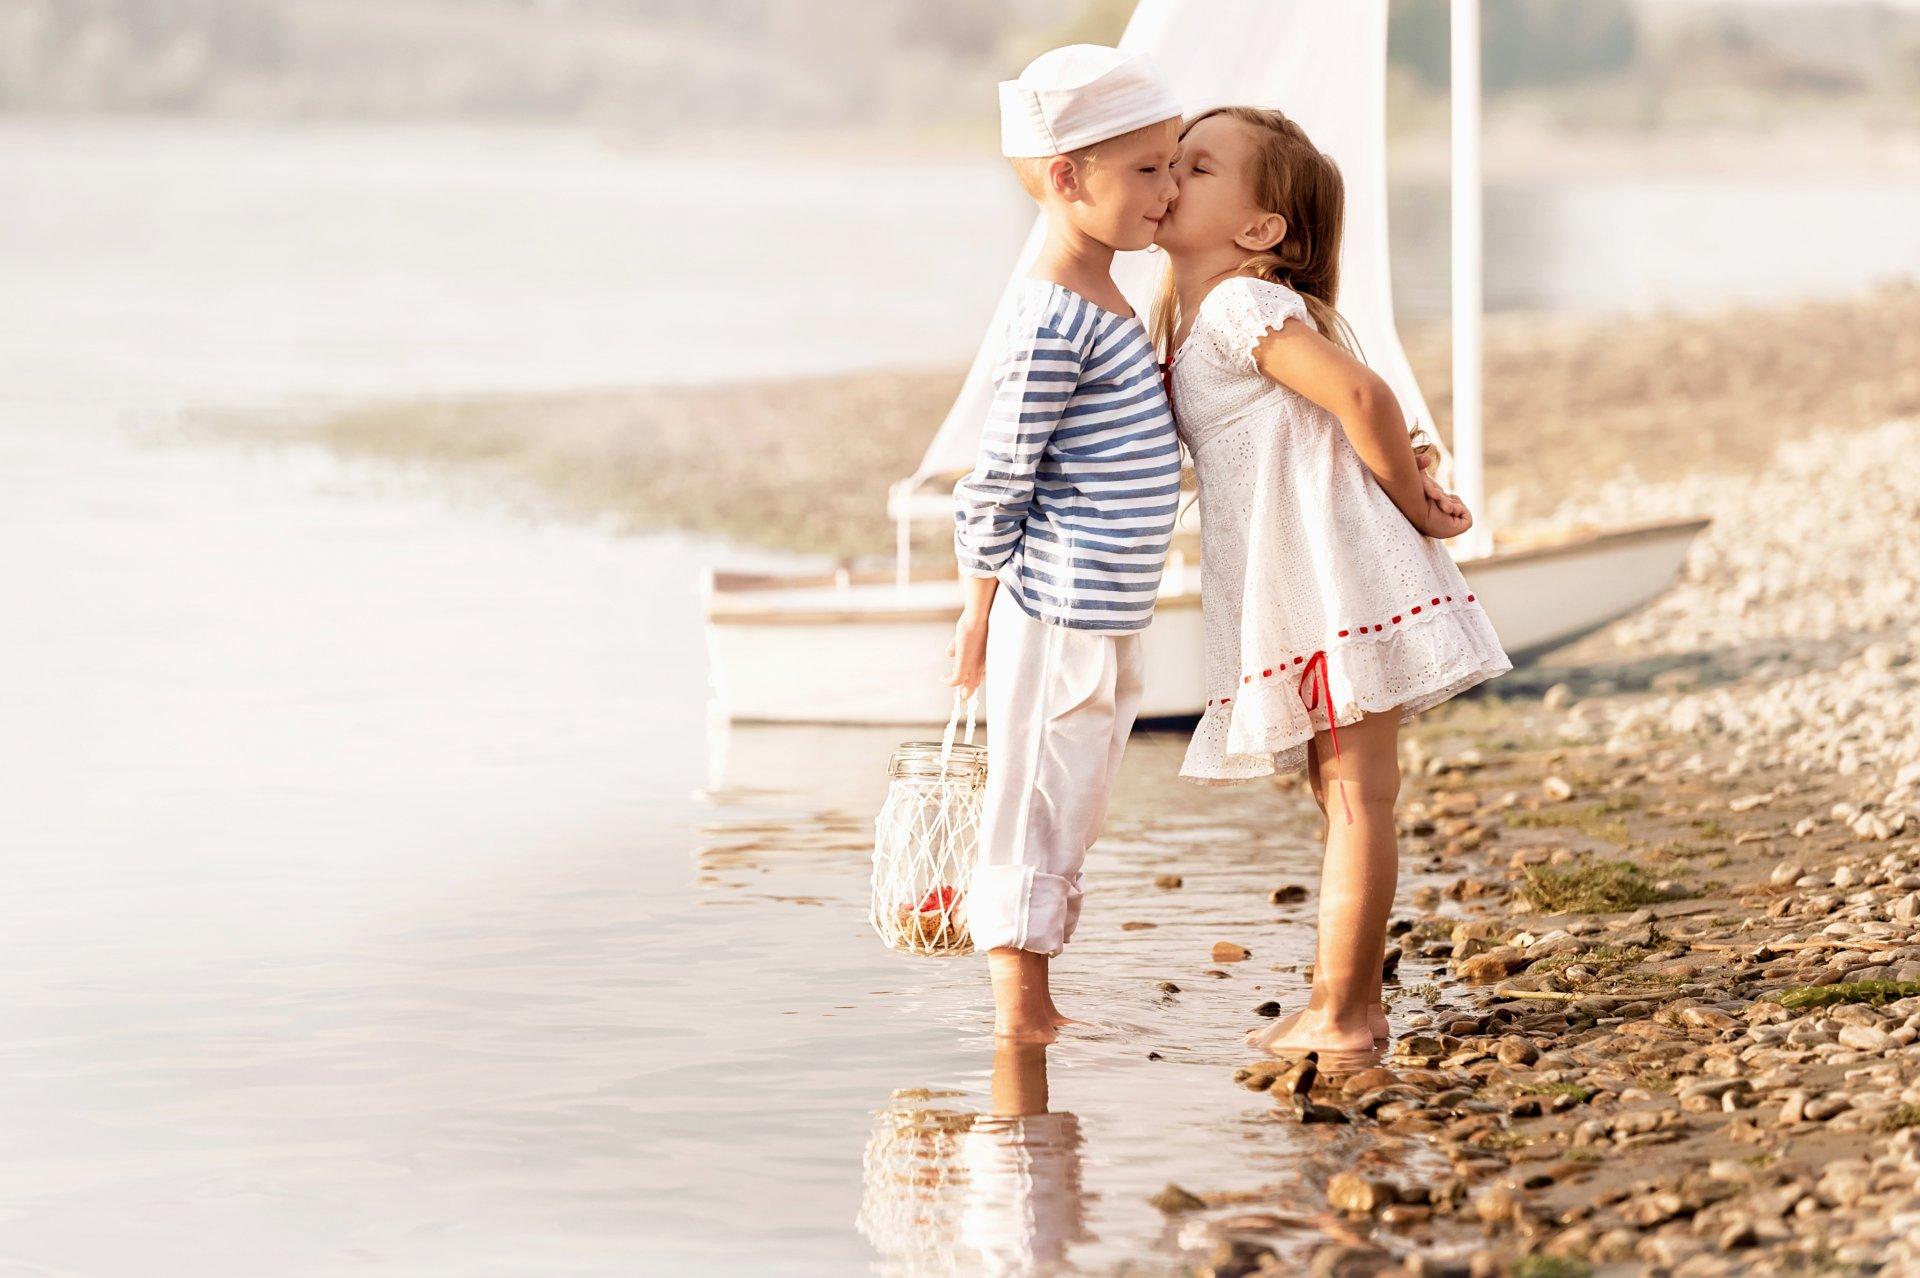 Прикольная, милые картинки с девочкой и мальчиком